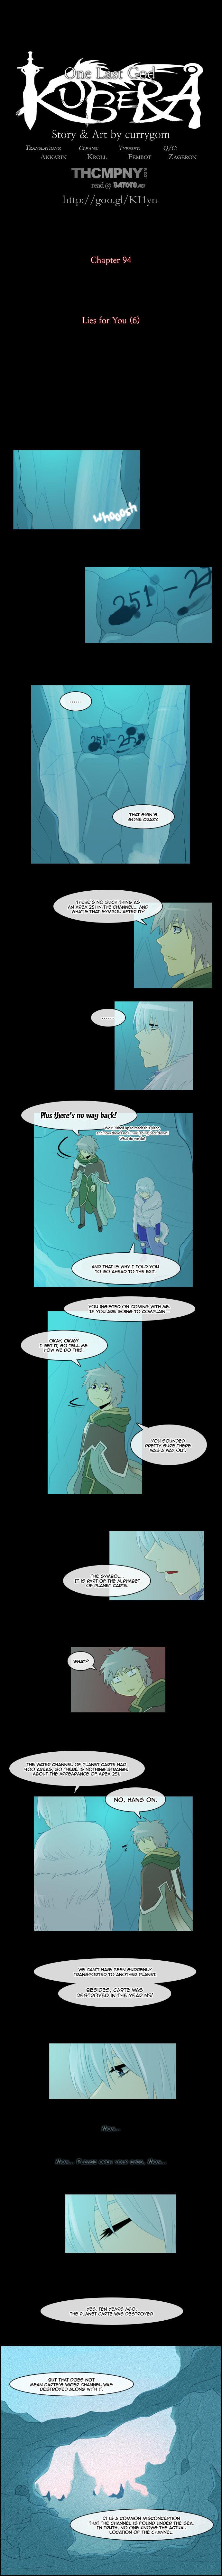 Kubera 94 Page 2